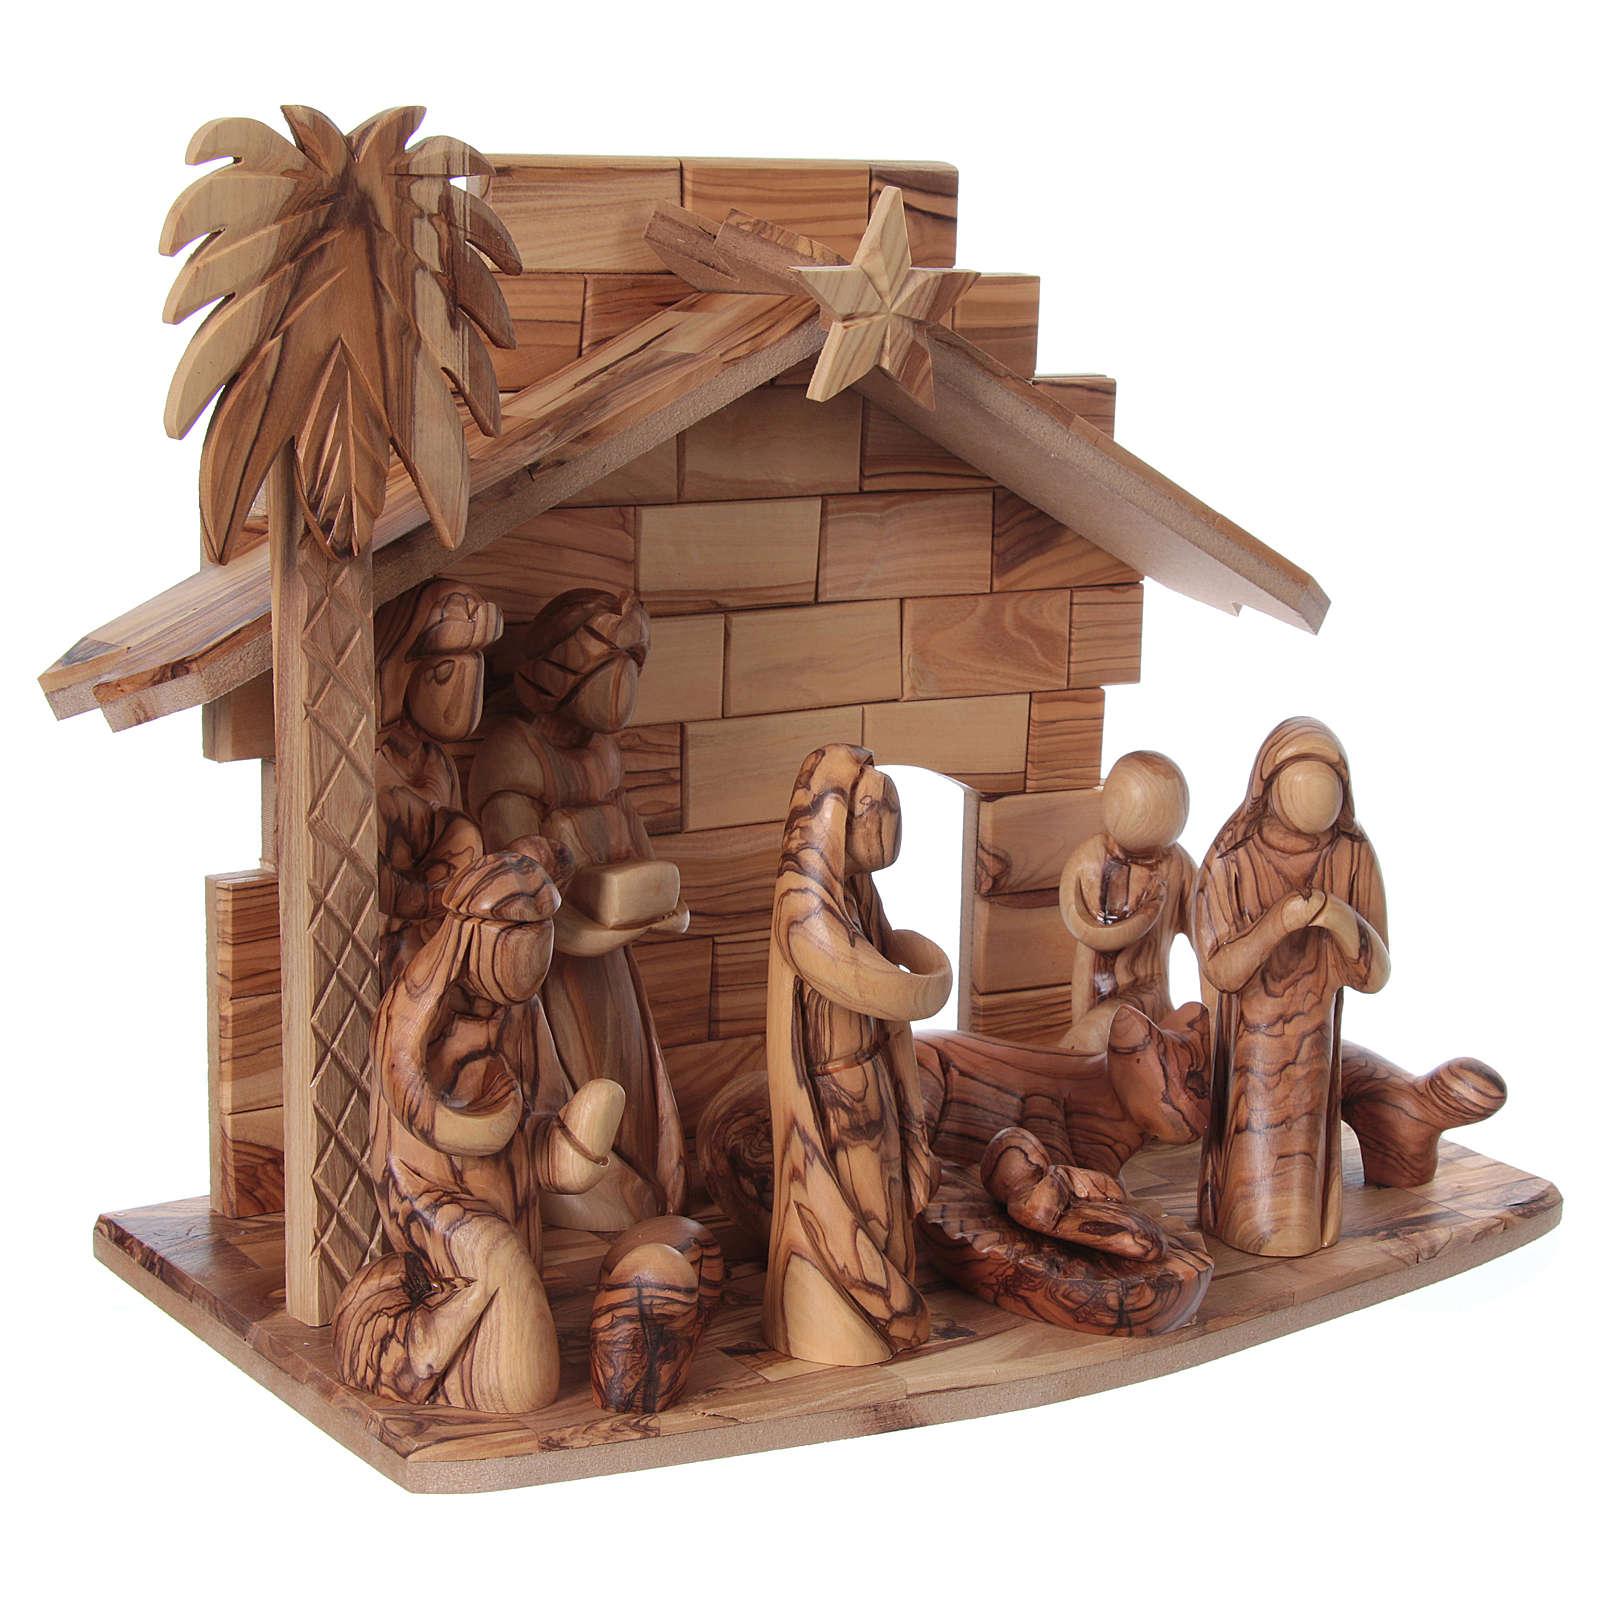 Presepe completo in legno d'ulivo di Betlemme stilizzato